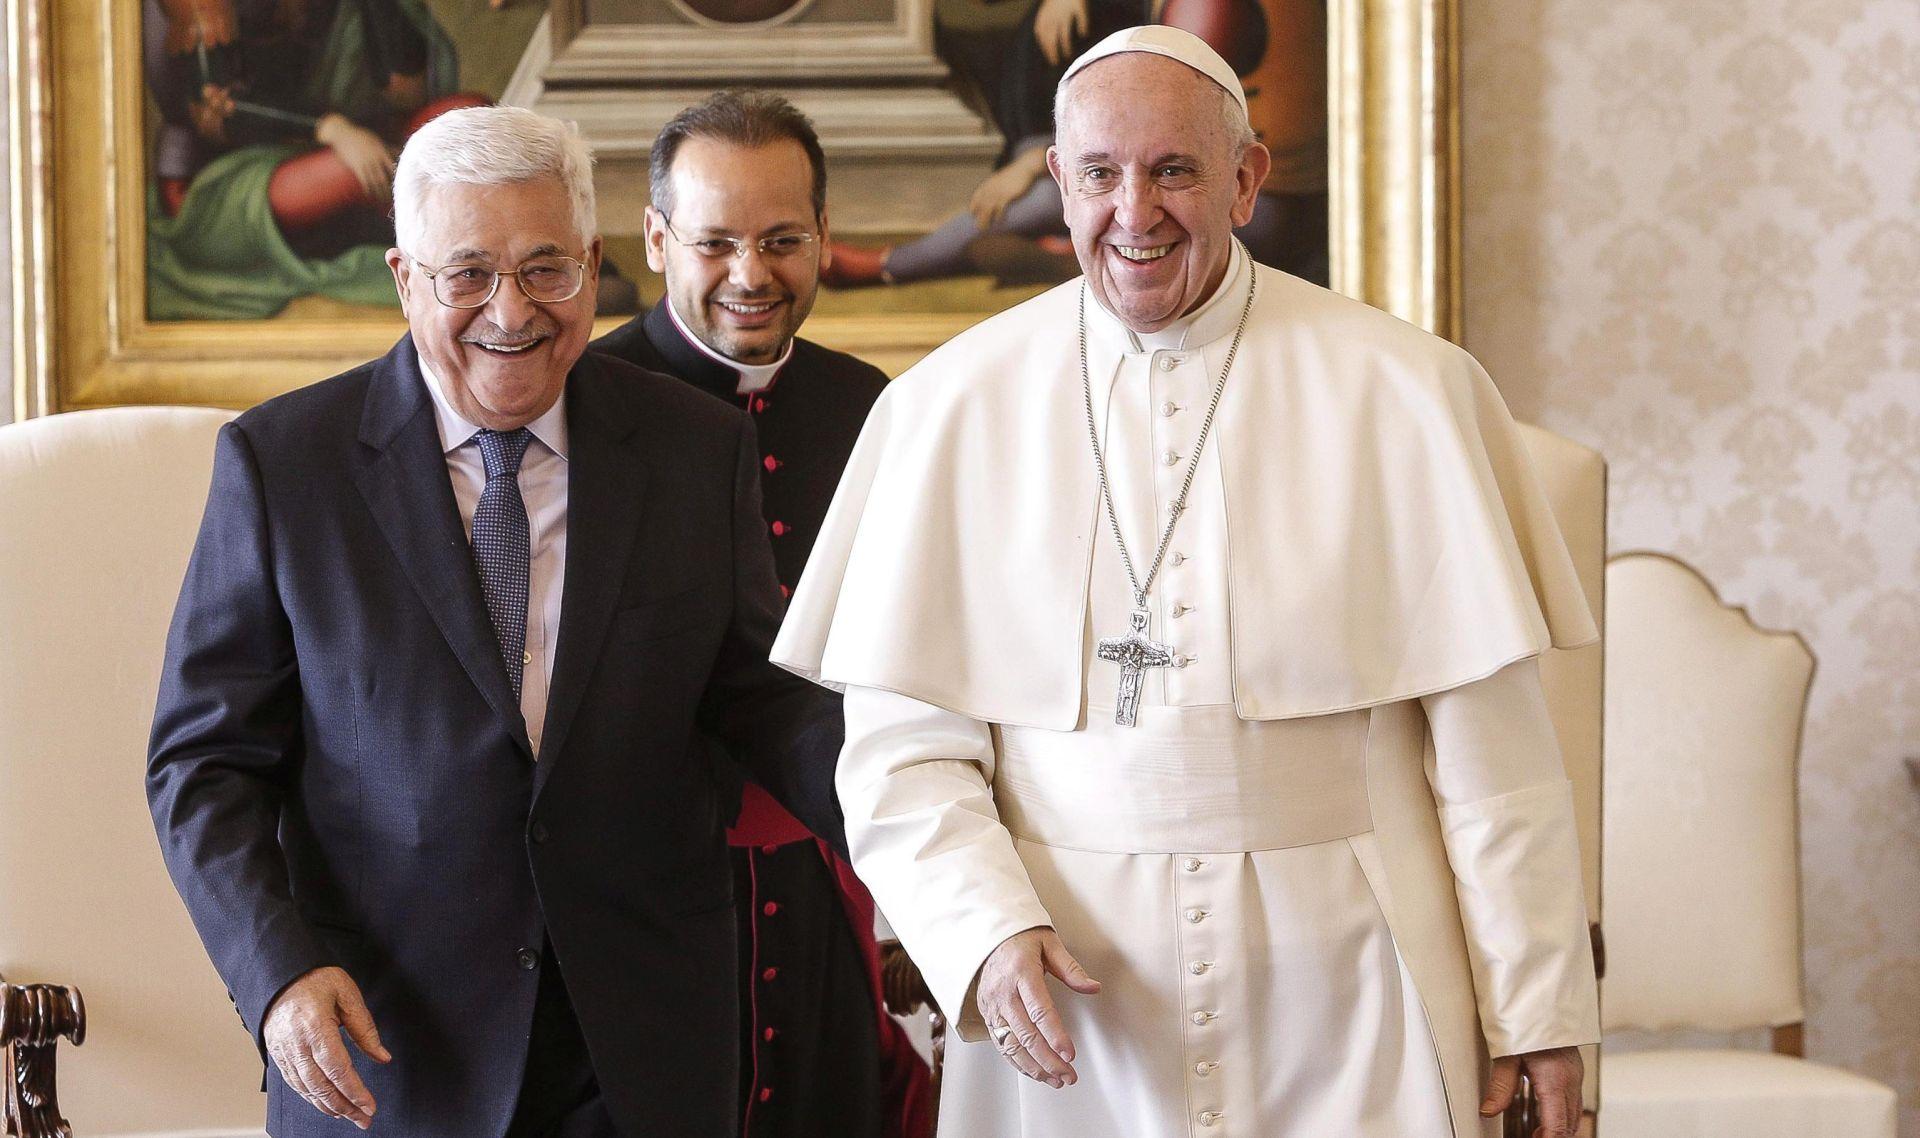 Abas će se susresti s Papom u povodu otvaranja palestinskog predstavništva u Vatikanu